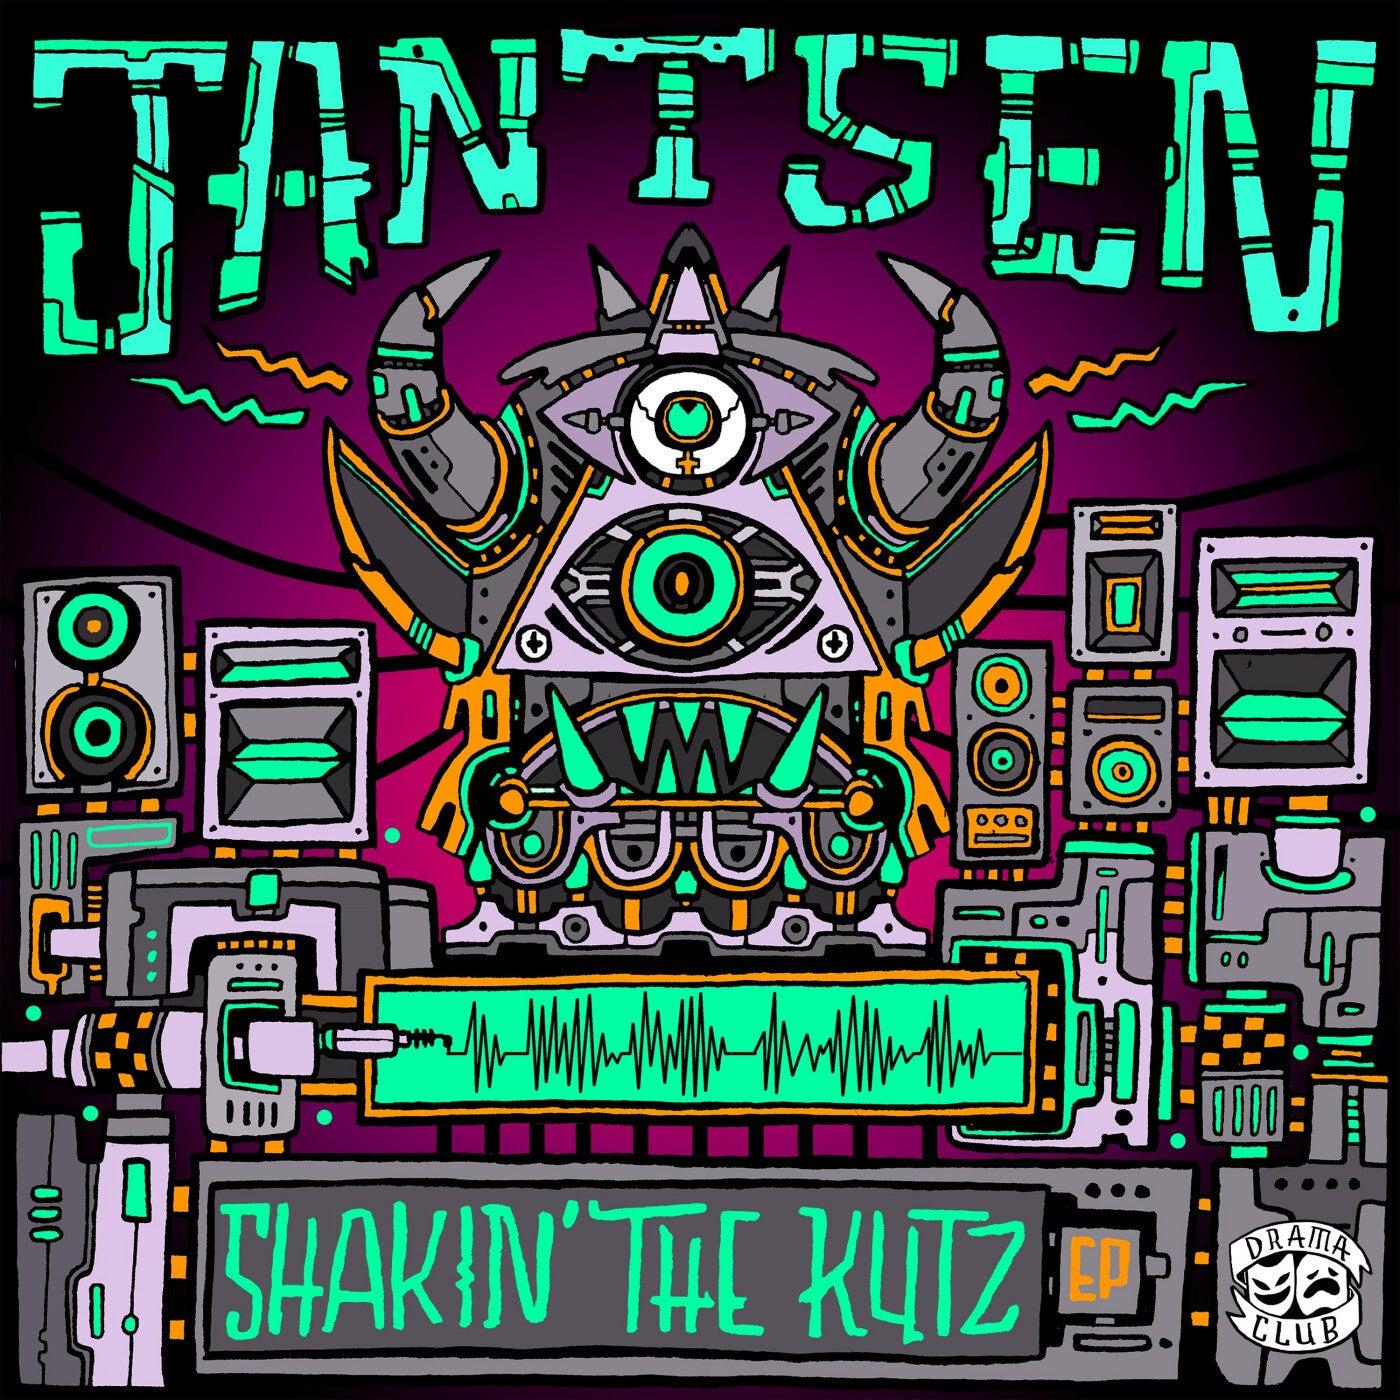 Shakin' the Kutz (Original Mix)